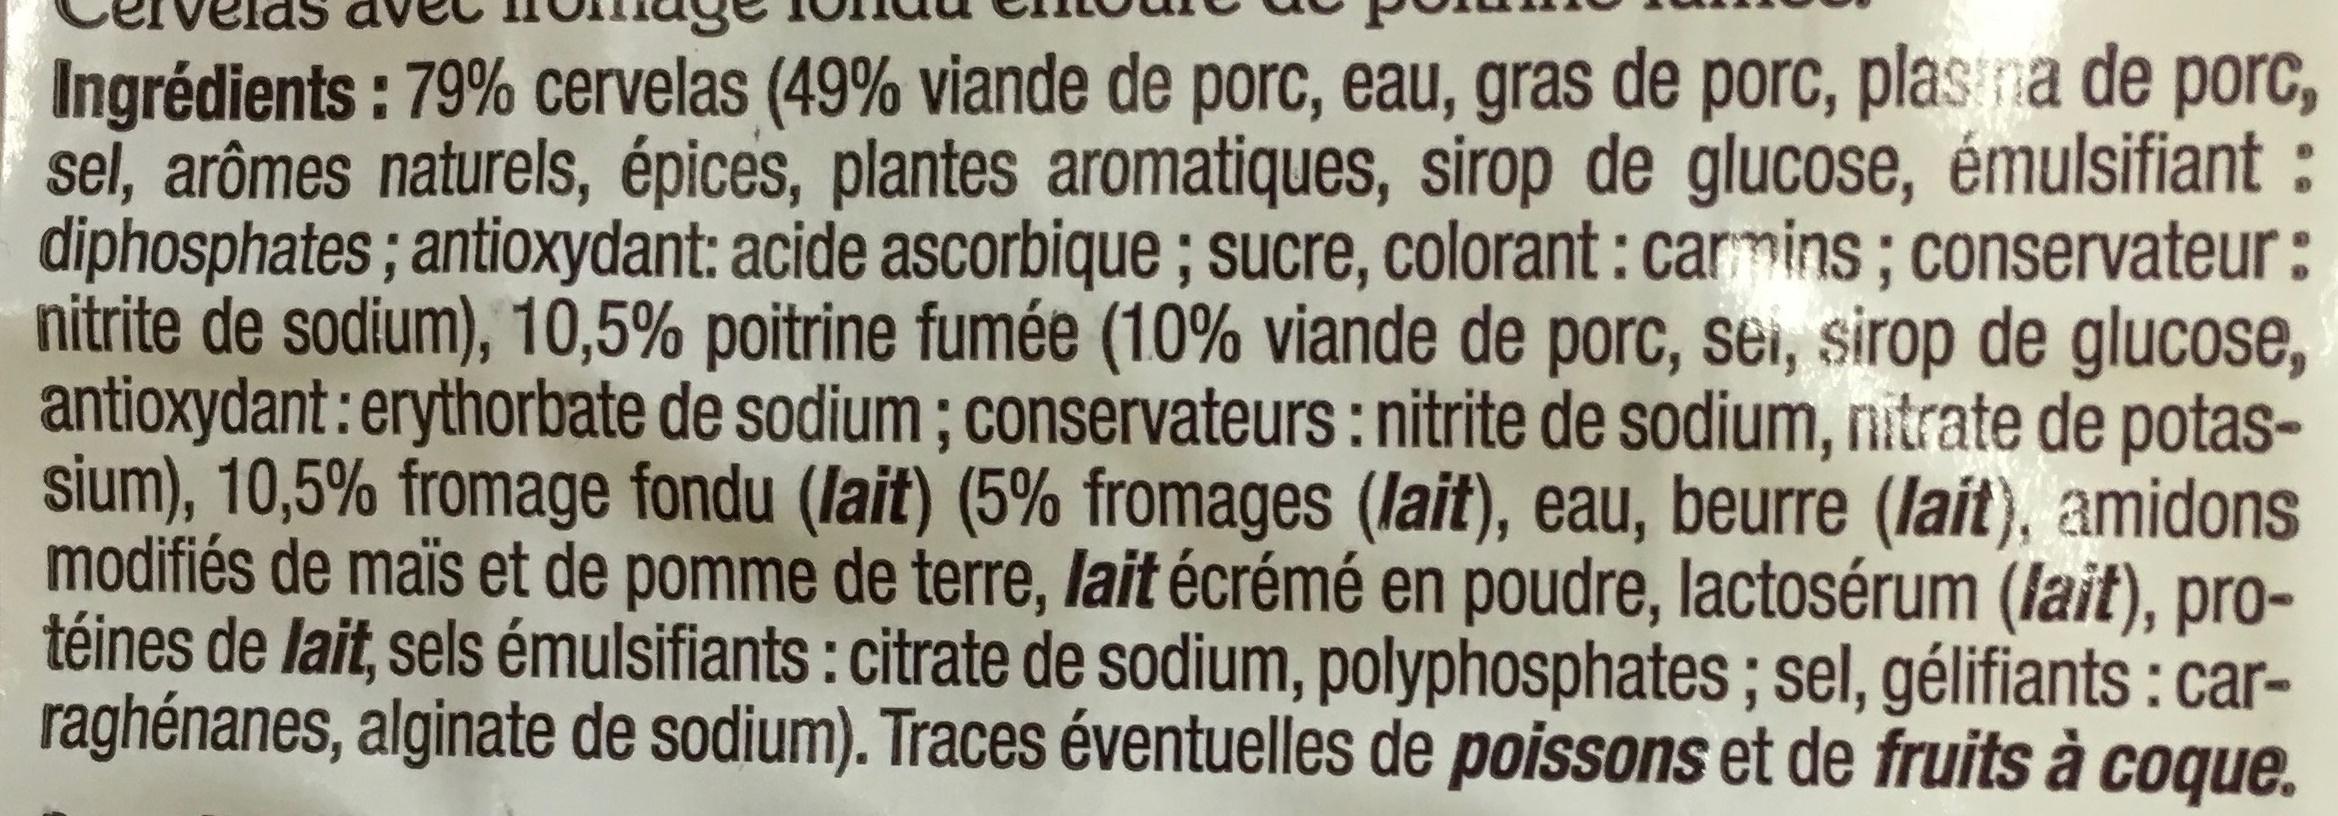 Cervelas à l'alsacienne - Ingrédients